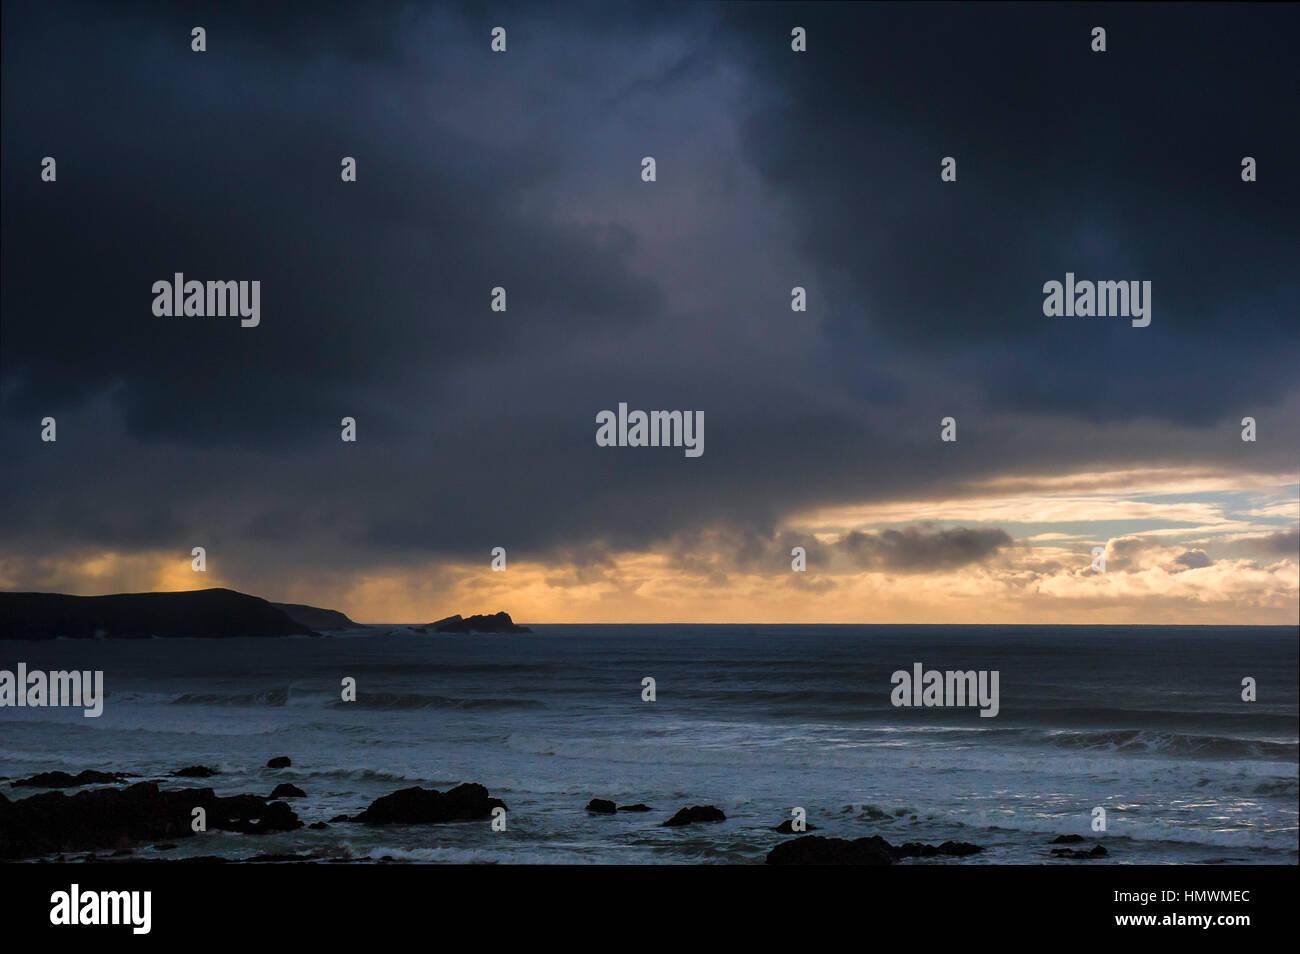 Sombre, de gros nuages menaçants au-dessus de la côte de Newquay sur la côte nord des Cornouailles. Photo Stock